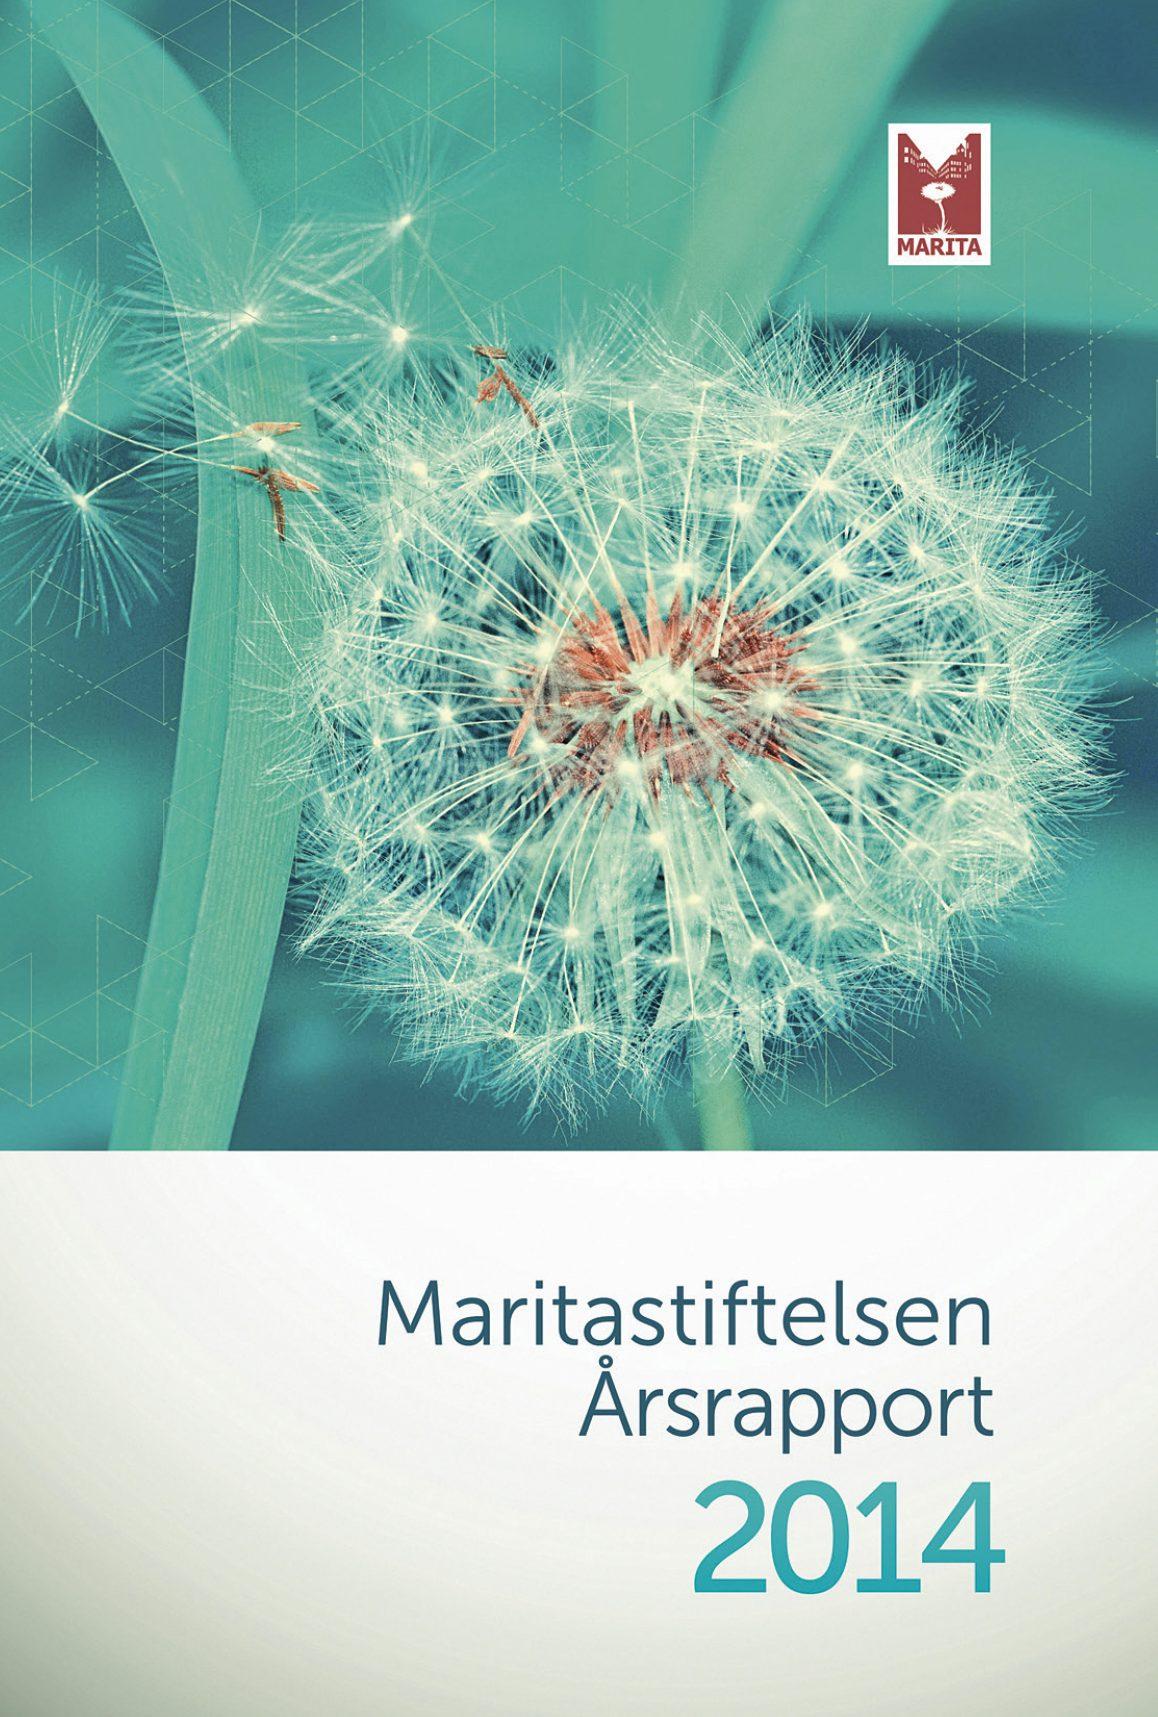 2014 Marita årsrapport